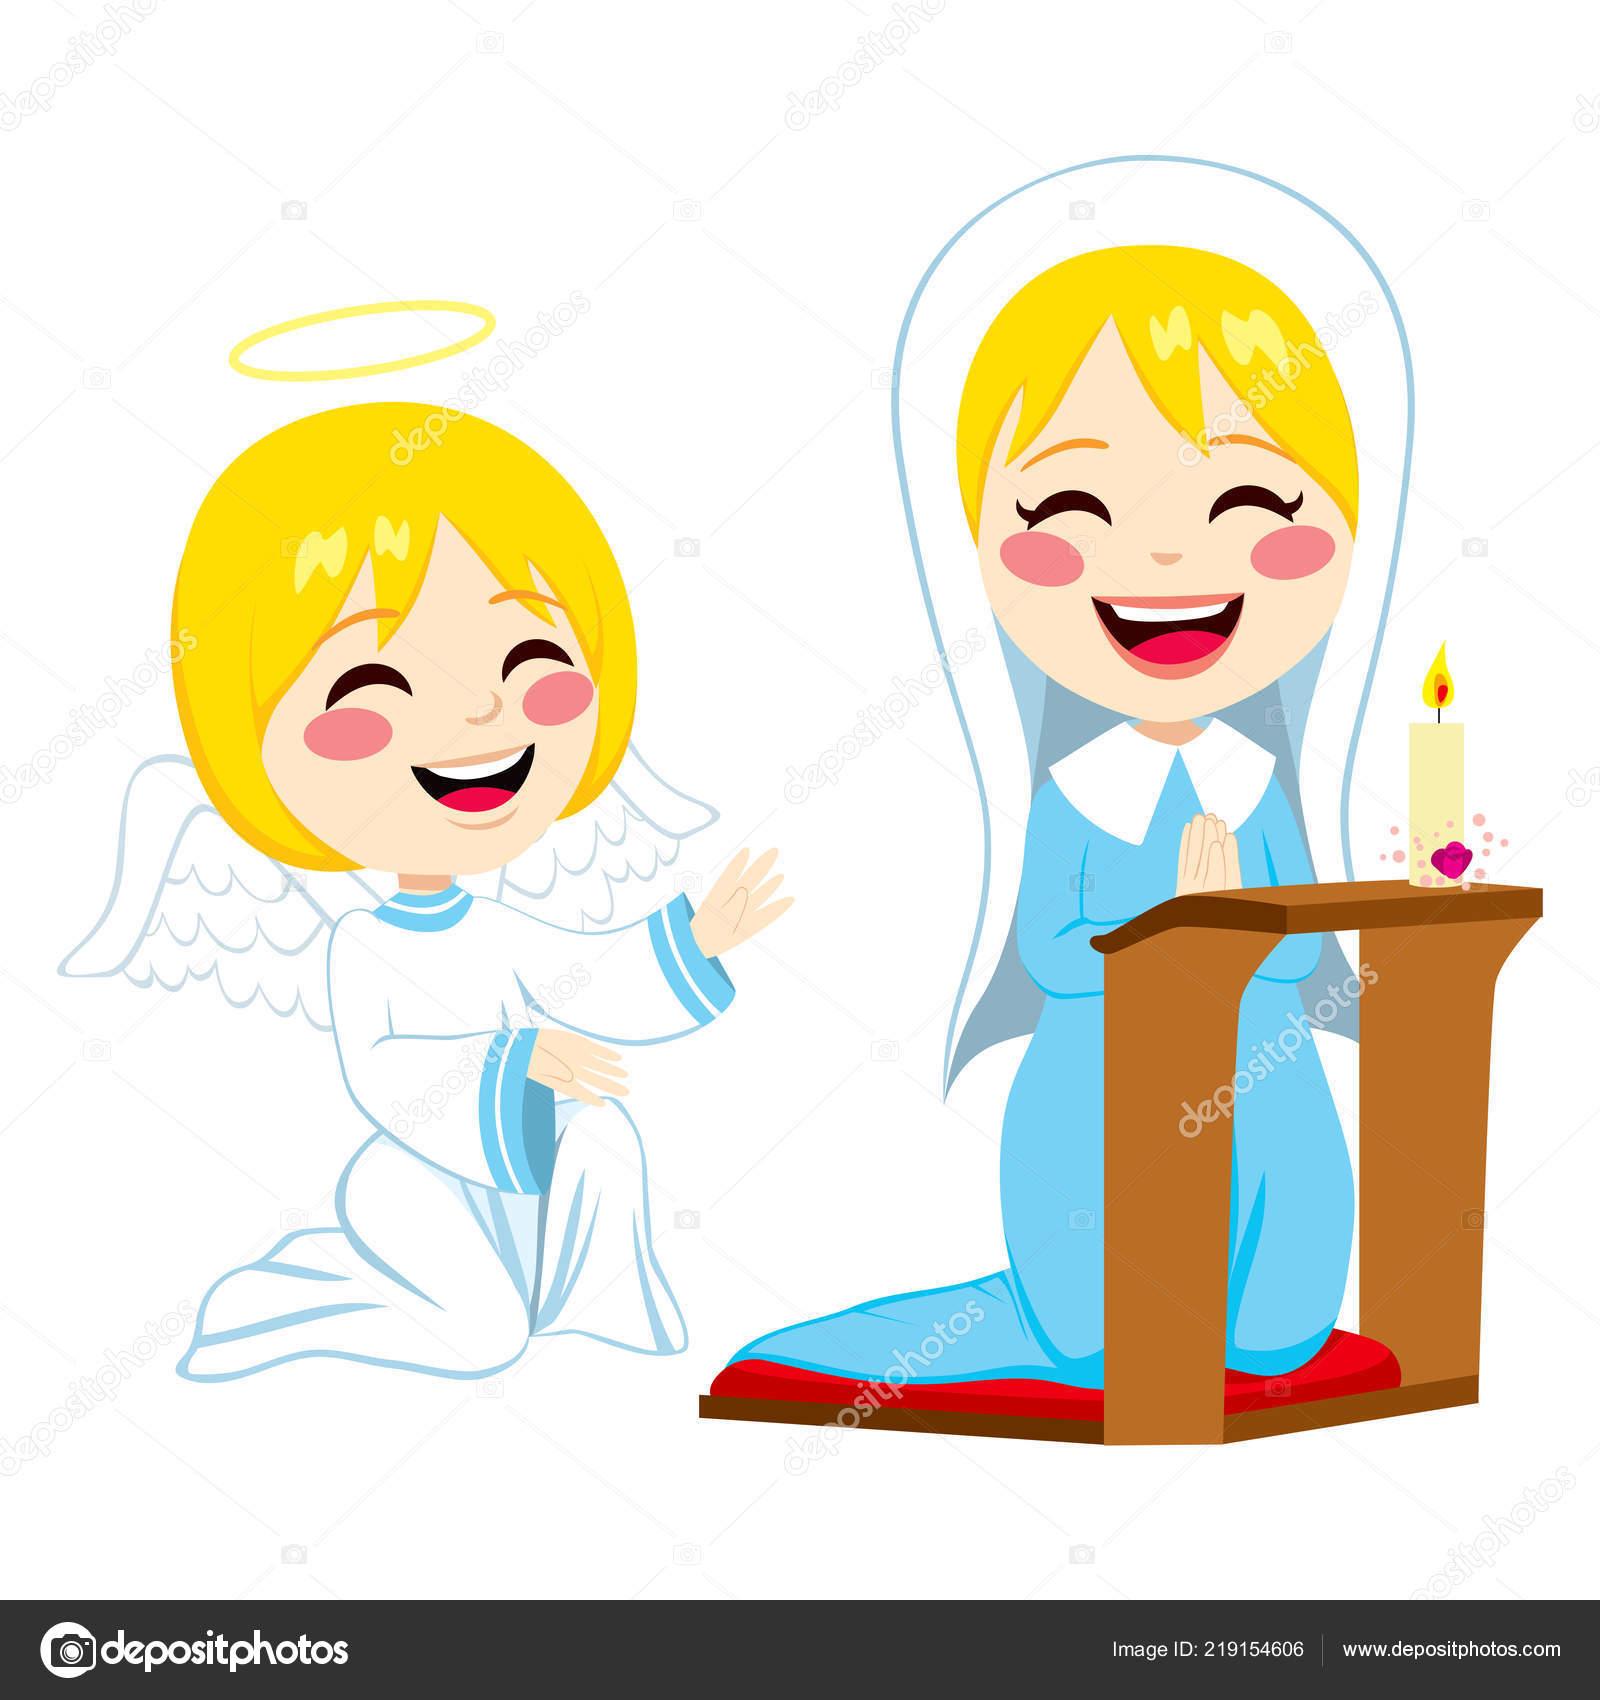 Maria Orando Feliz Angel Gabriel Trayendo Buenas Noticias Acerca Del